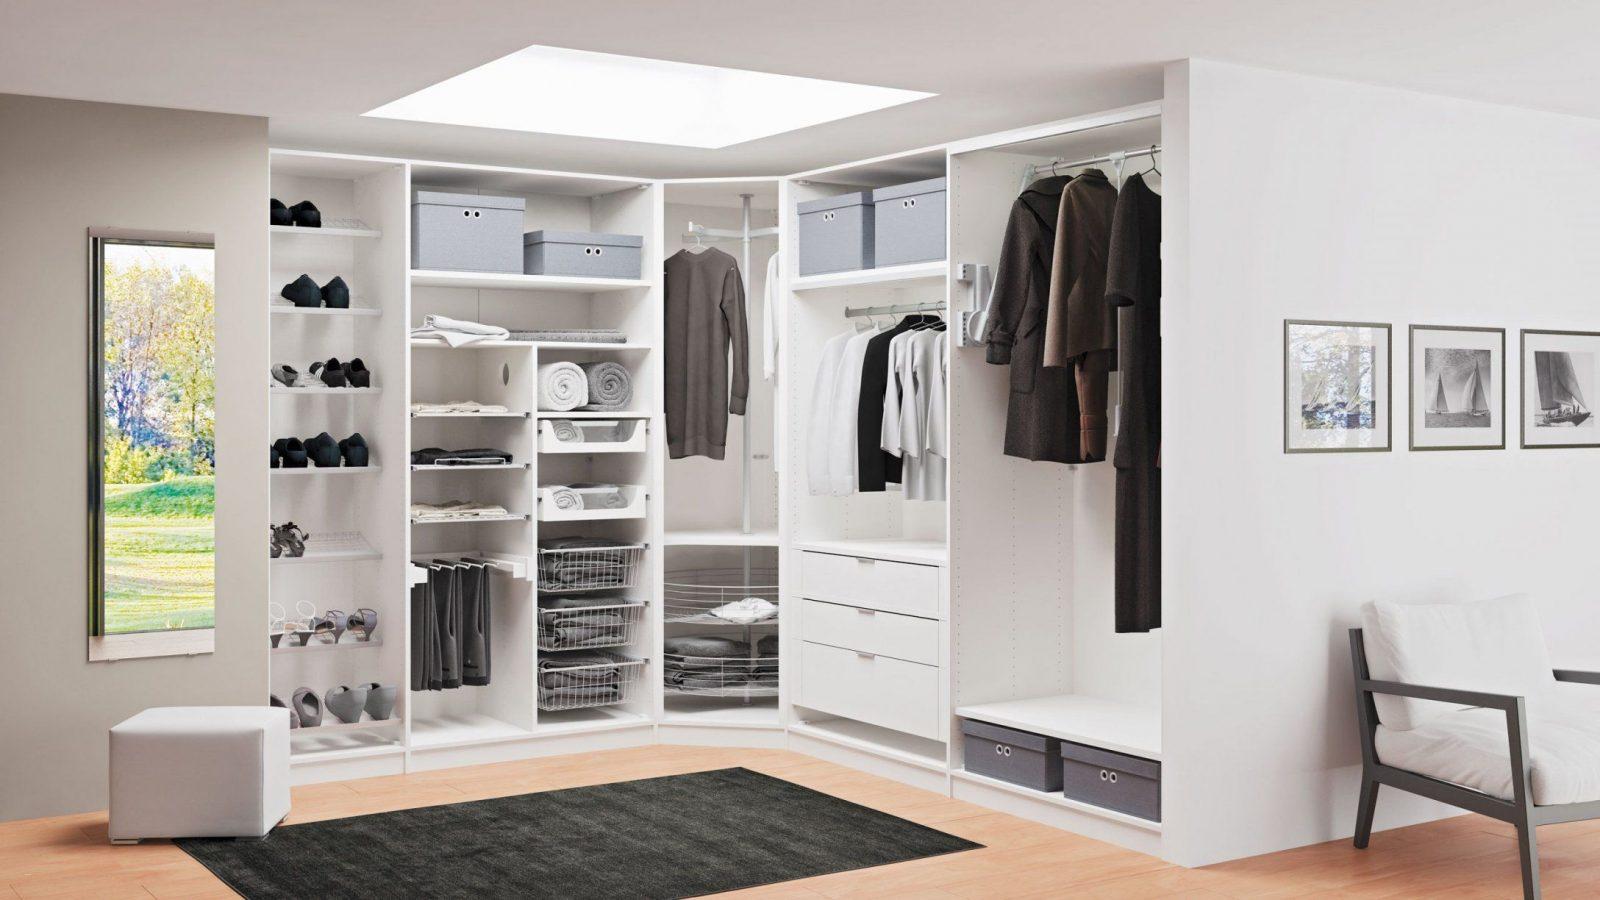 Regal In Dachschräge Selber Bauen Beliebt Begehbarer Kleiderschrank von Regal Selber Bauen Dachschräge Bild